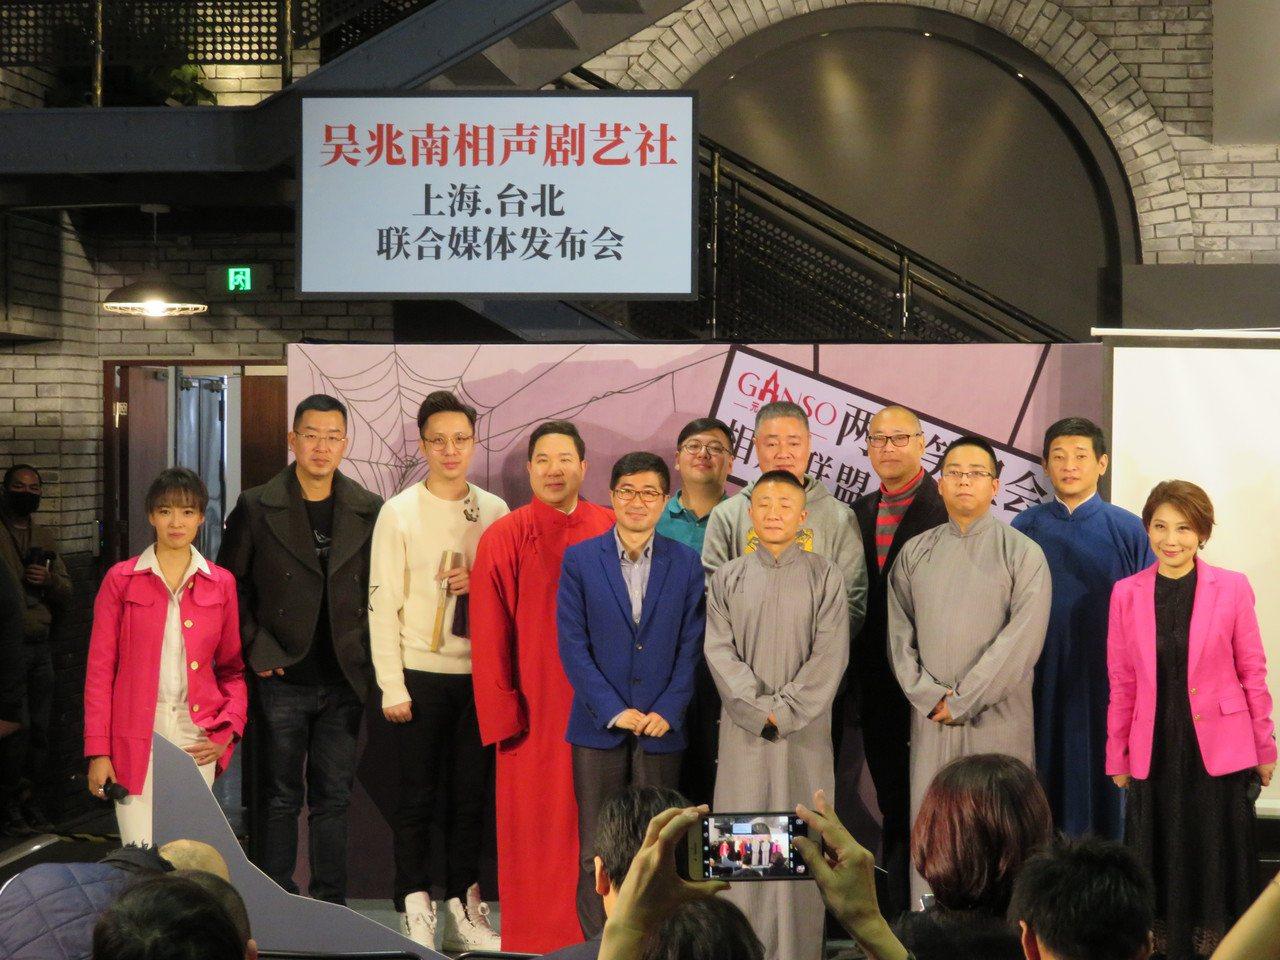 兩岸相聲名角發起的《相聲聯盟》,25日在上海舉行新作《盜墓札記》首演發布會。在1...